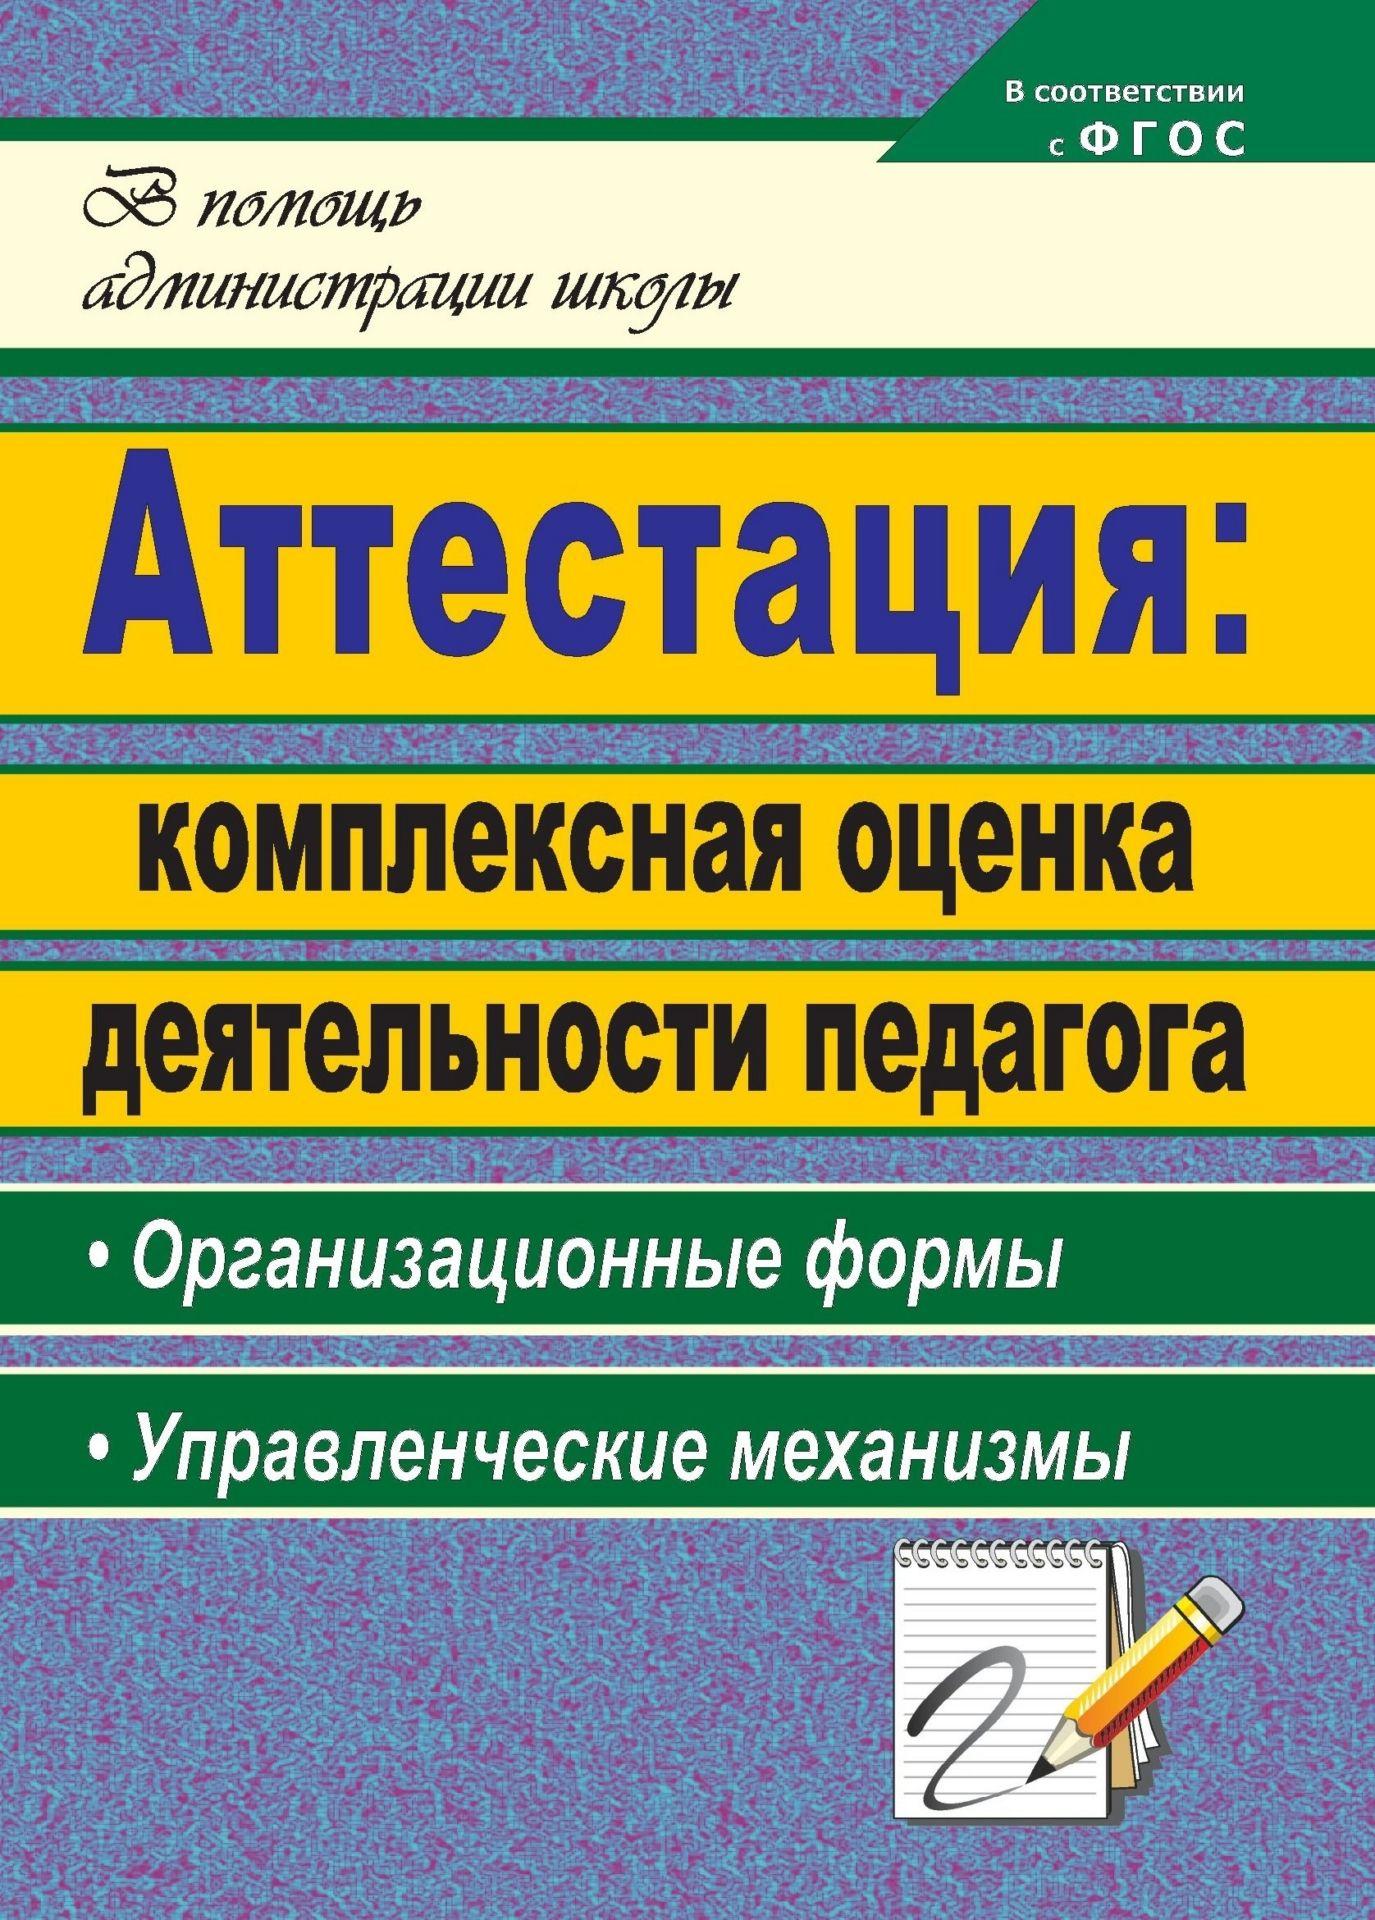 Фото #1: Аттестация: комплексная оценка деятельности педагога : организационные формы, управленческие механиз